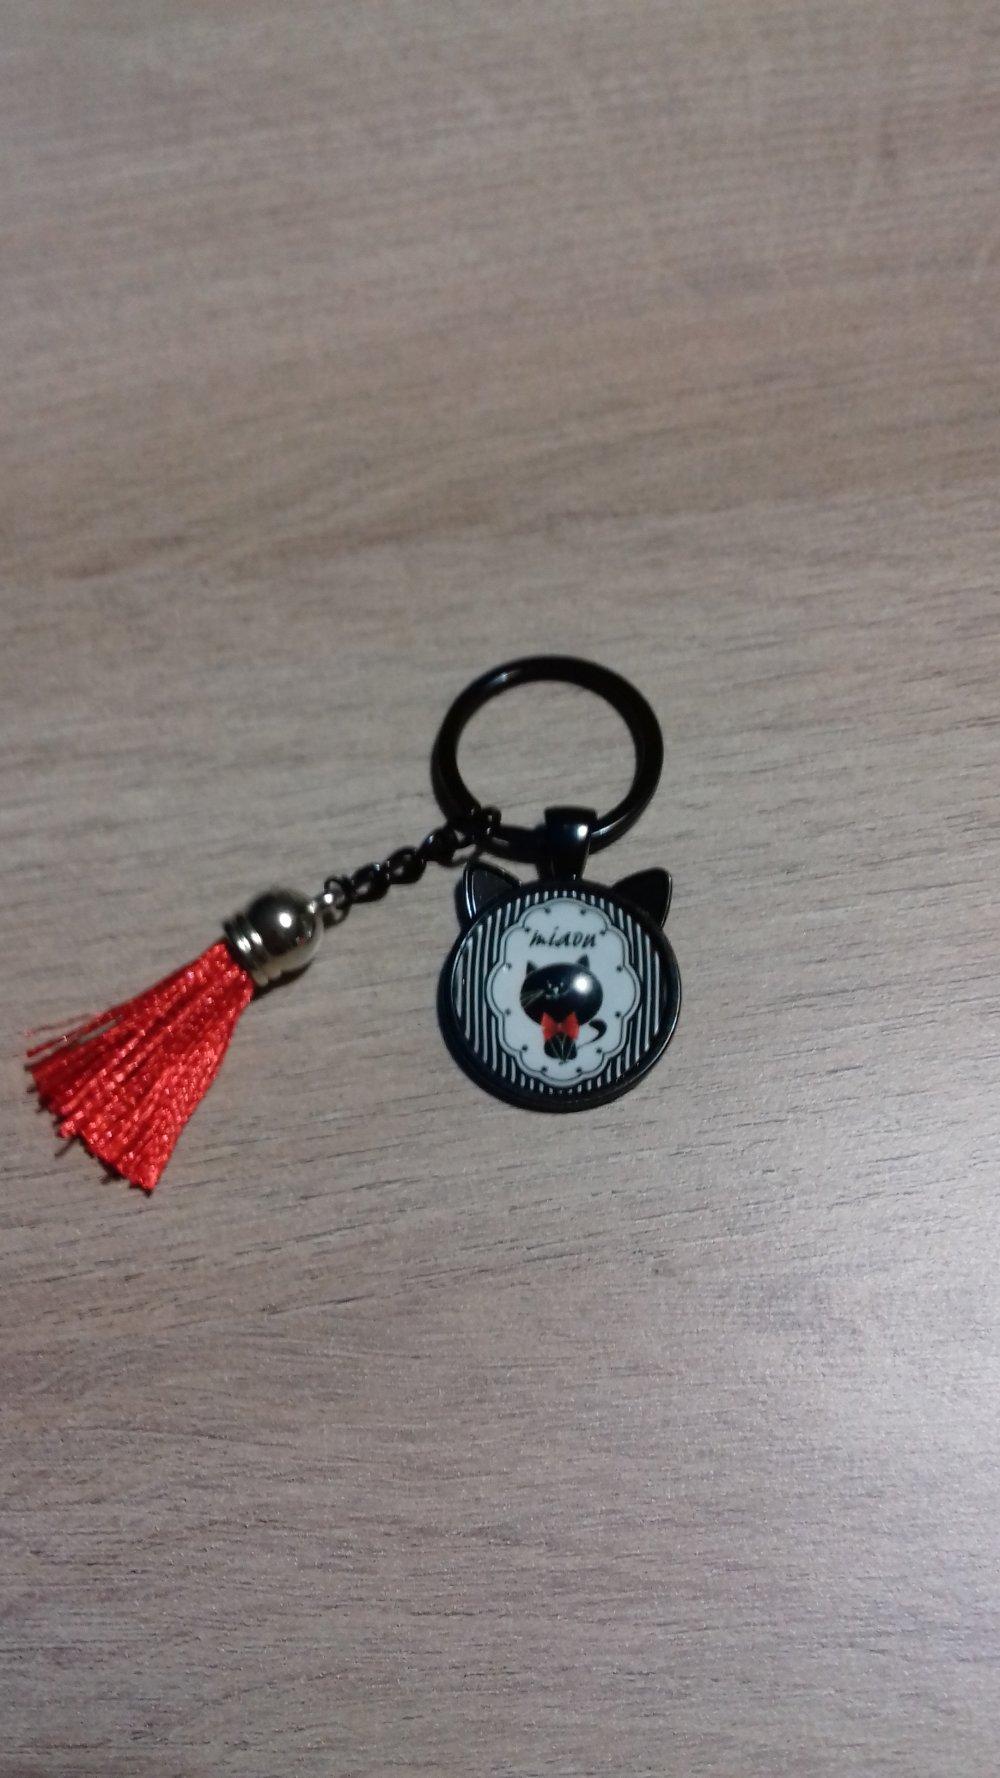 Porte clé /bijoux de sac cabochon chat